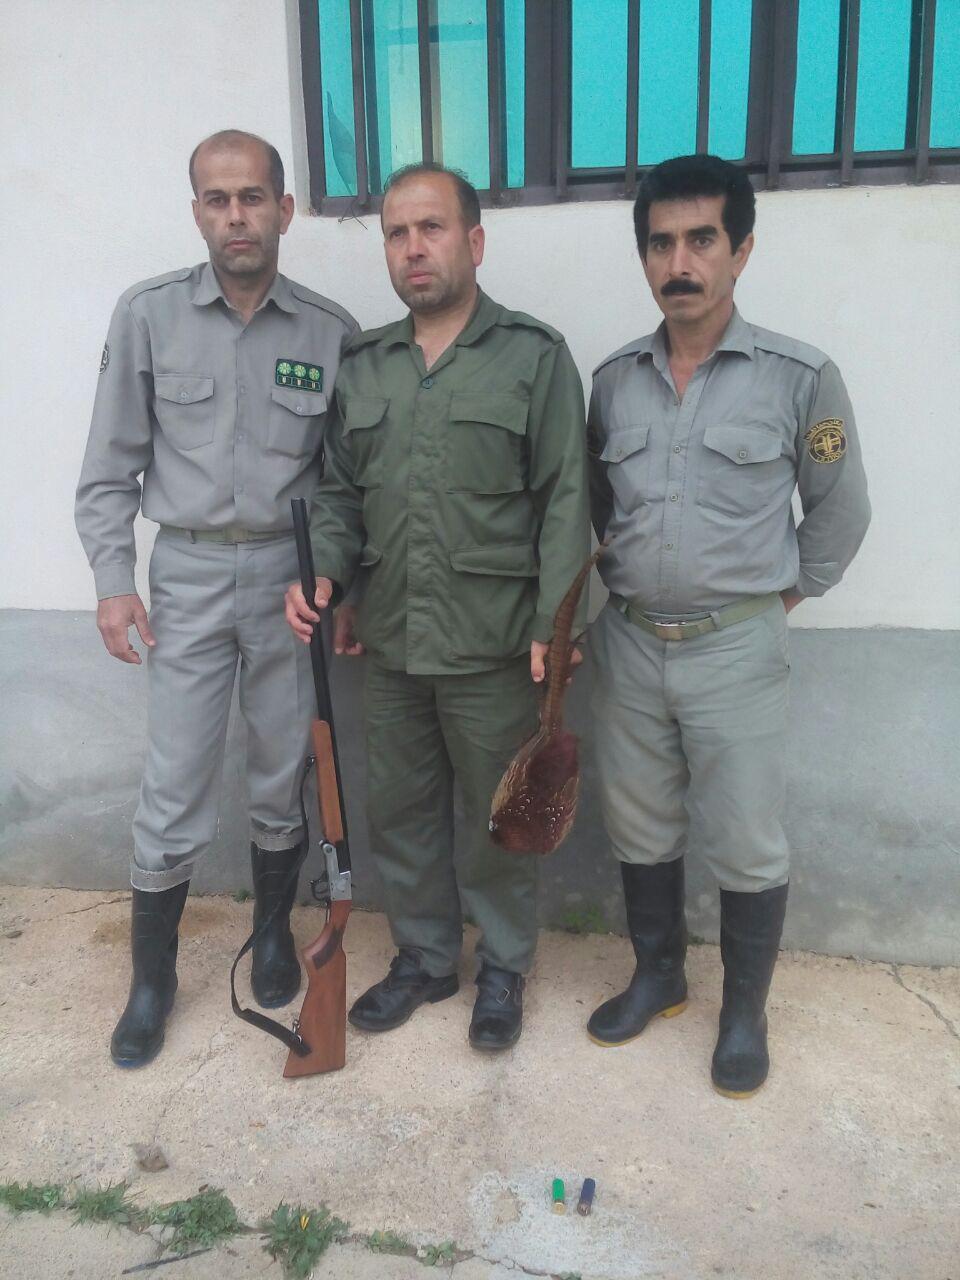 دستگیری شکارچیان غیر مجاز در روستاهای نوکنده،پروریج آباد و اروت + تصاویر